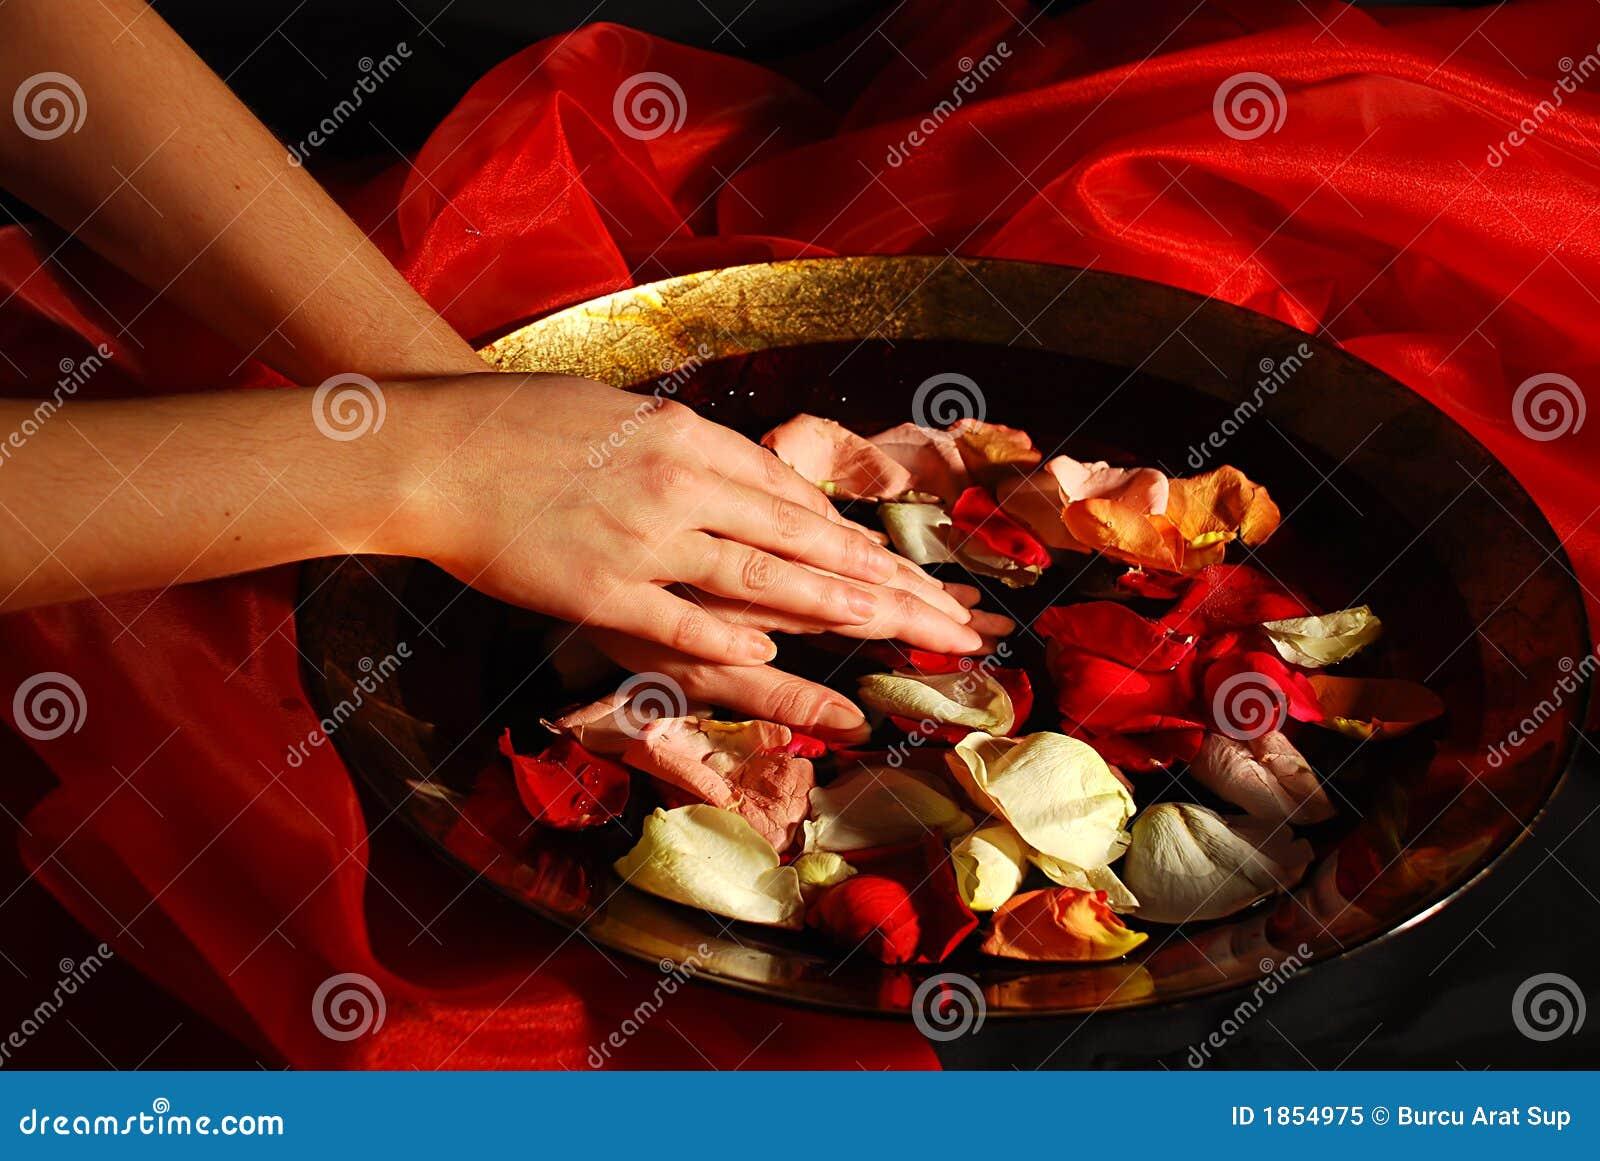 Piękna dłoń